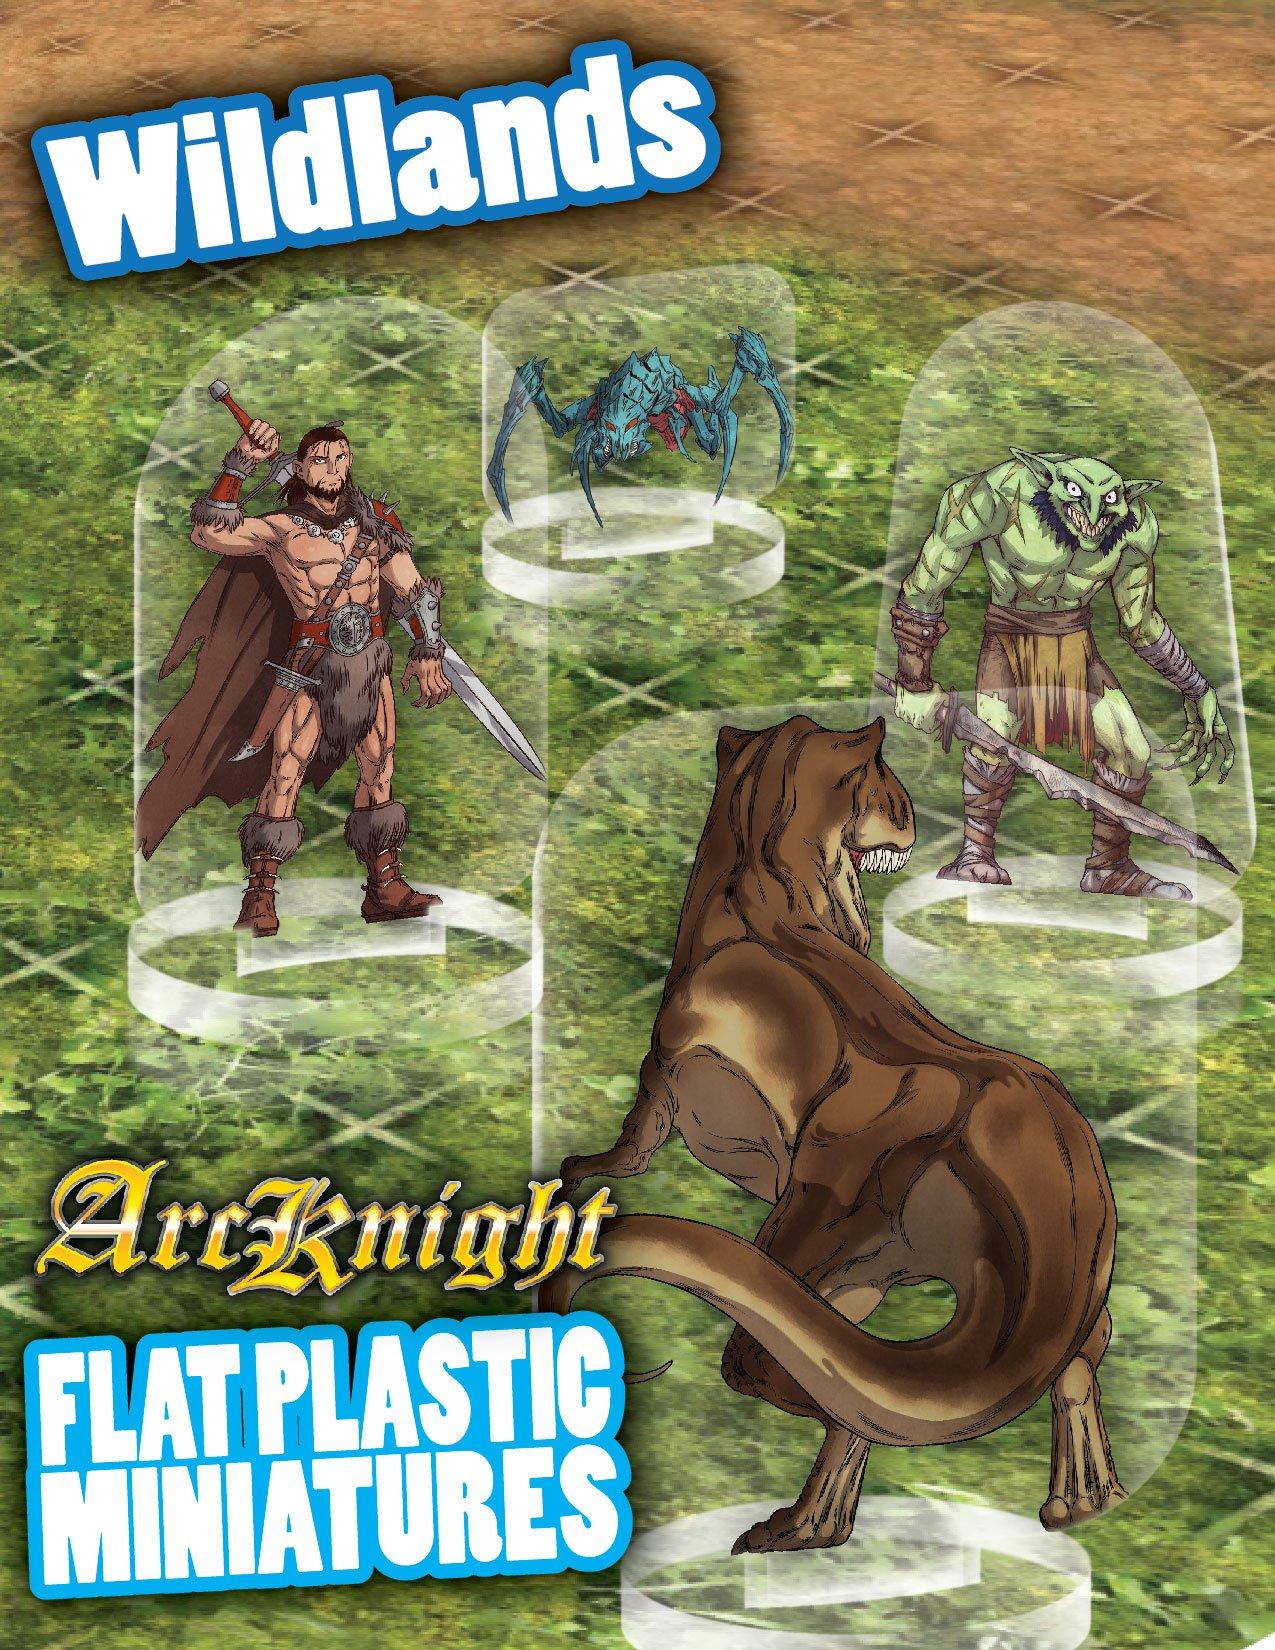 Arcknight Flat Plastic Miniatures: Wildlands by Arcknight